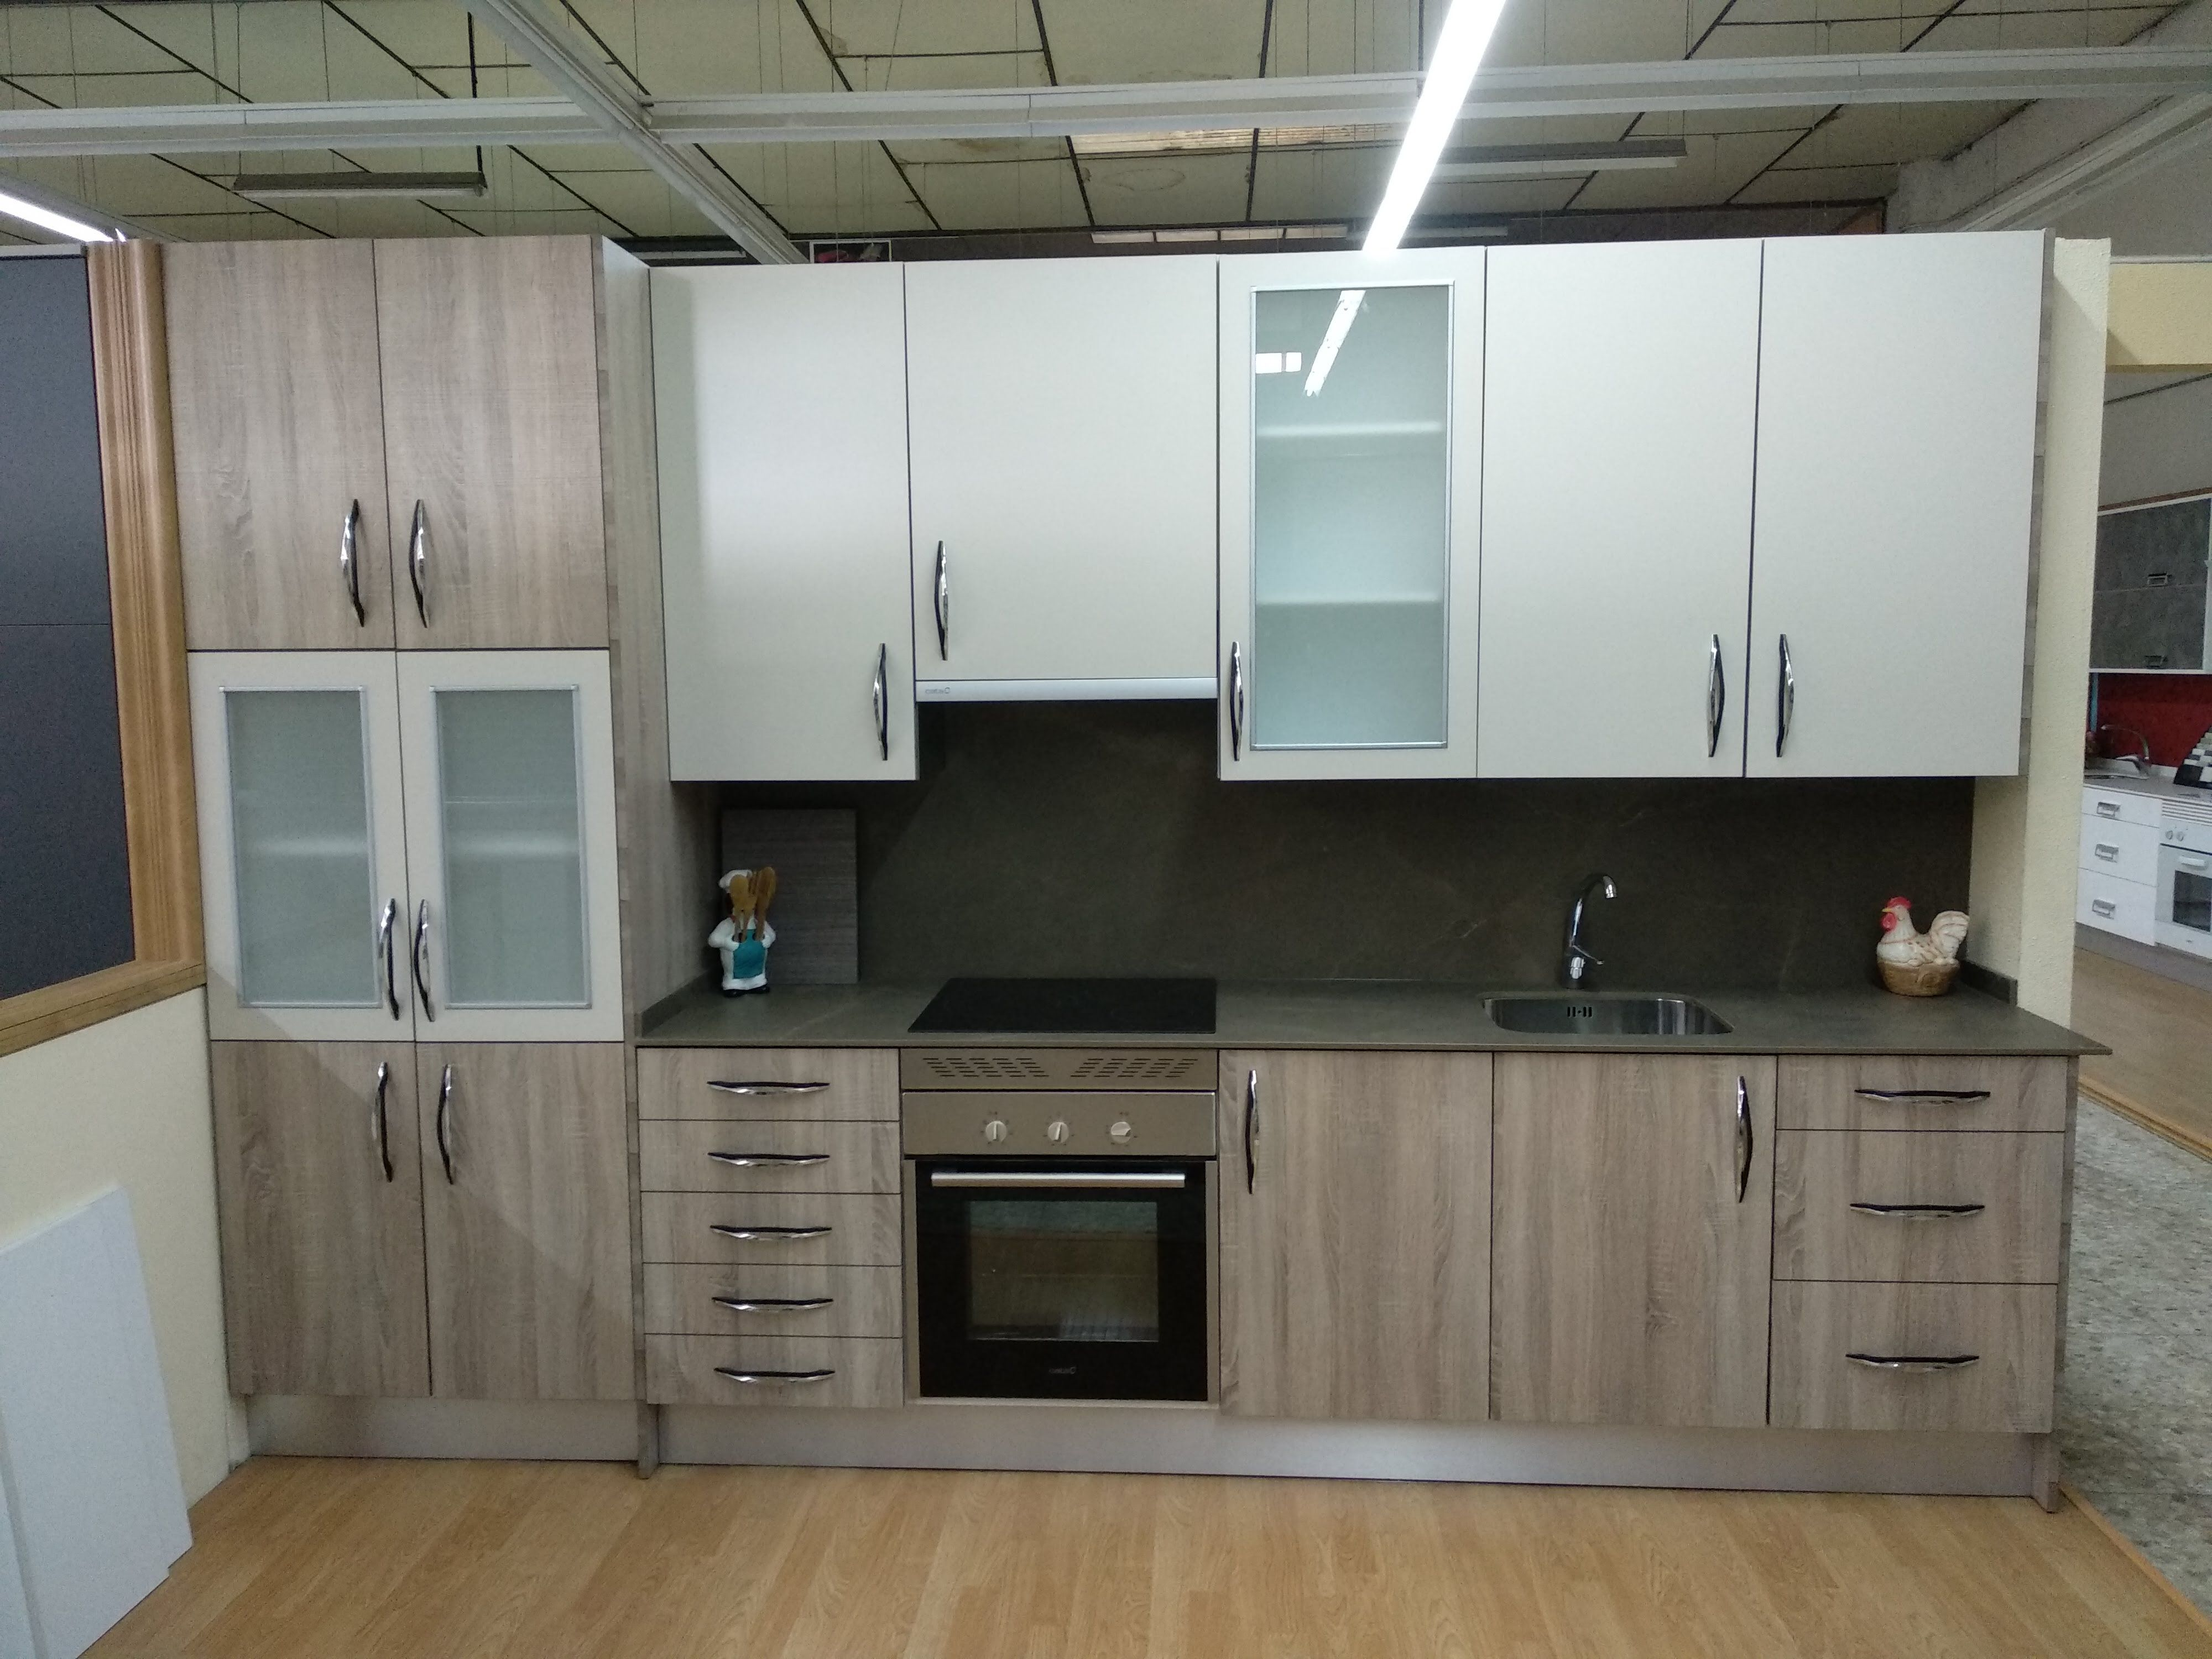 Muebles de cocina a un precio muy competitivo